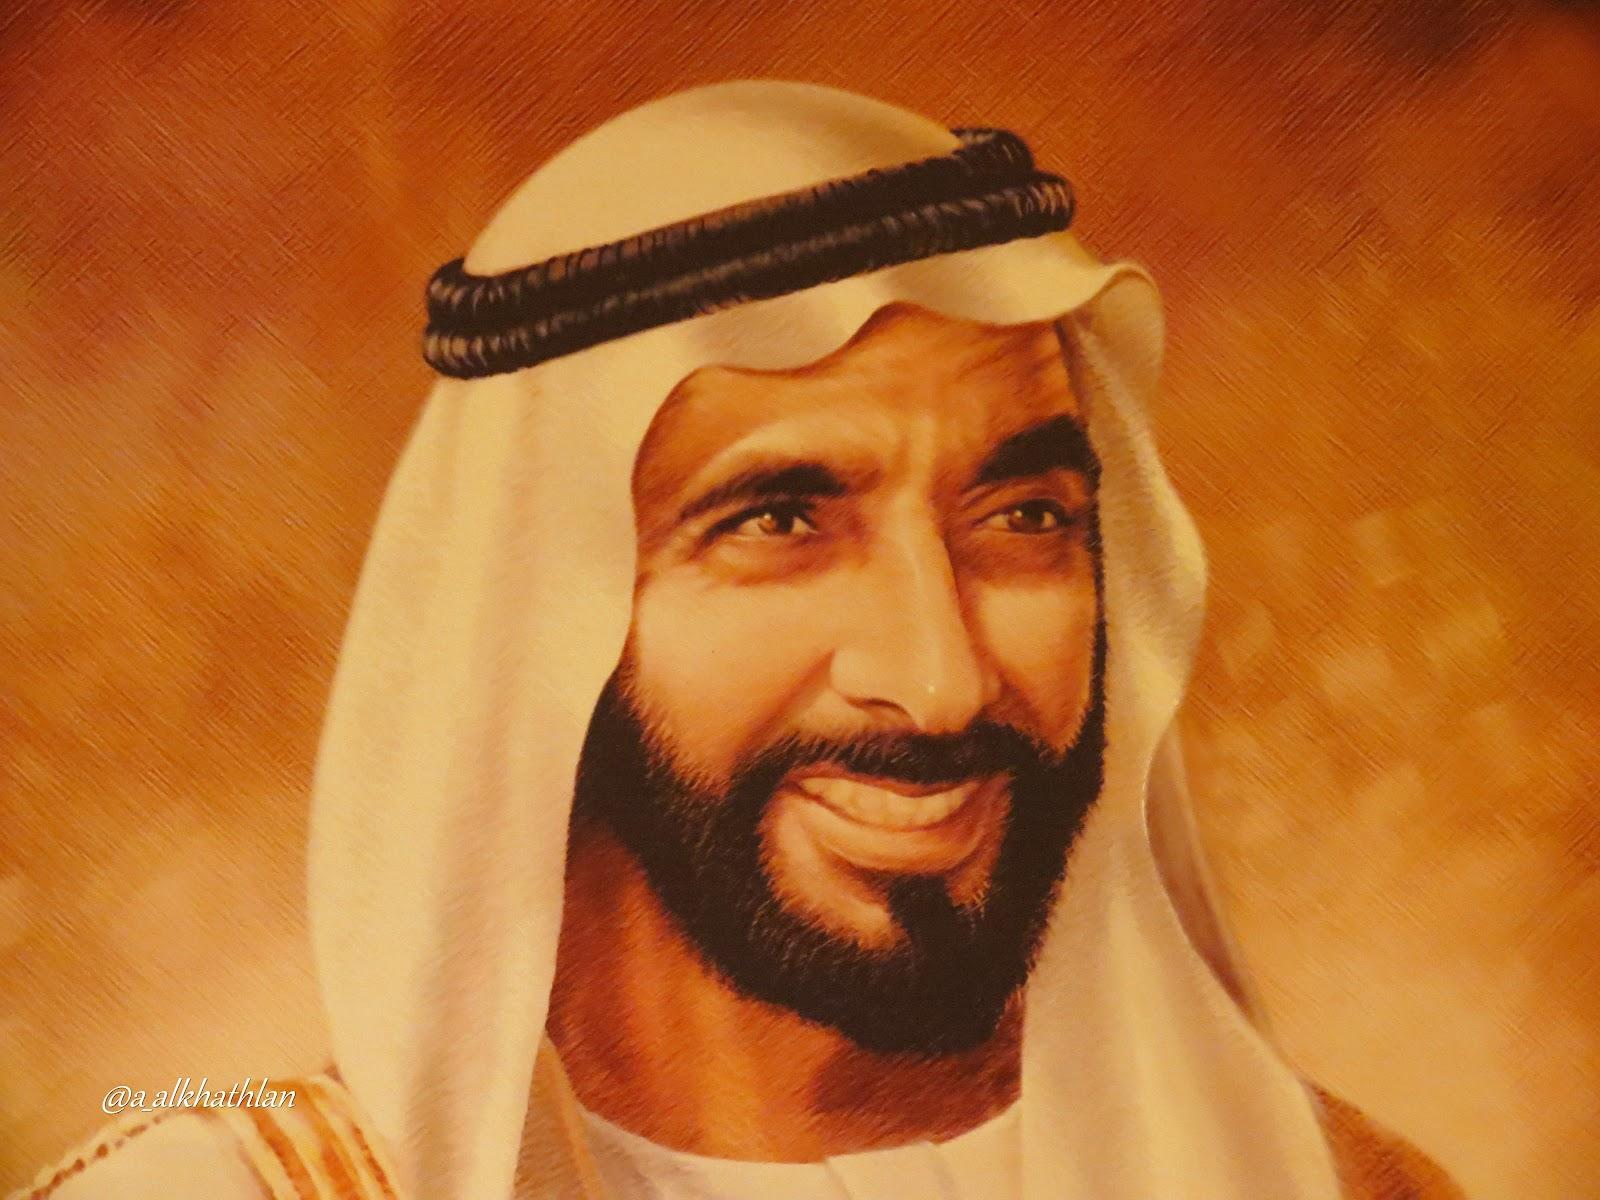 الشيخ زايد بن سلطان ال نهيان (1)